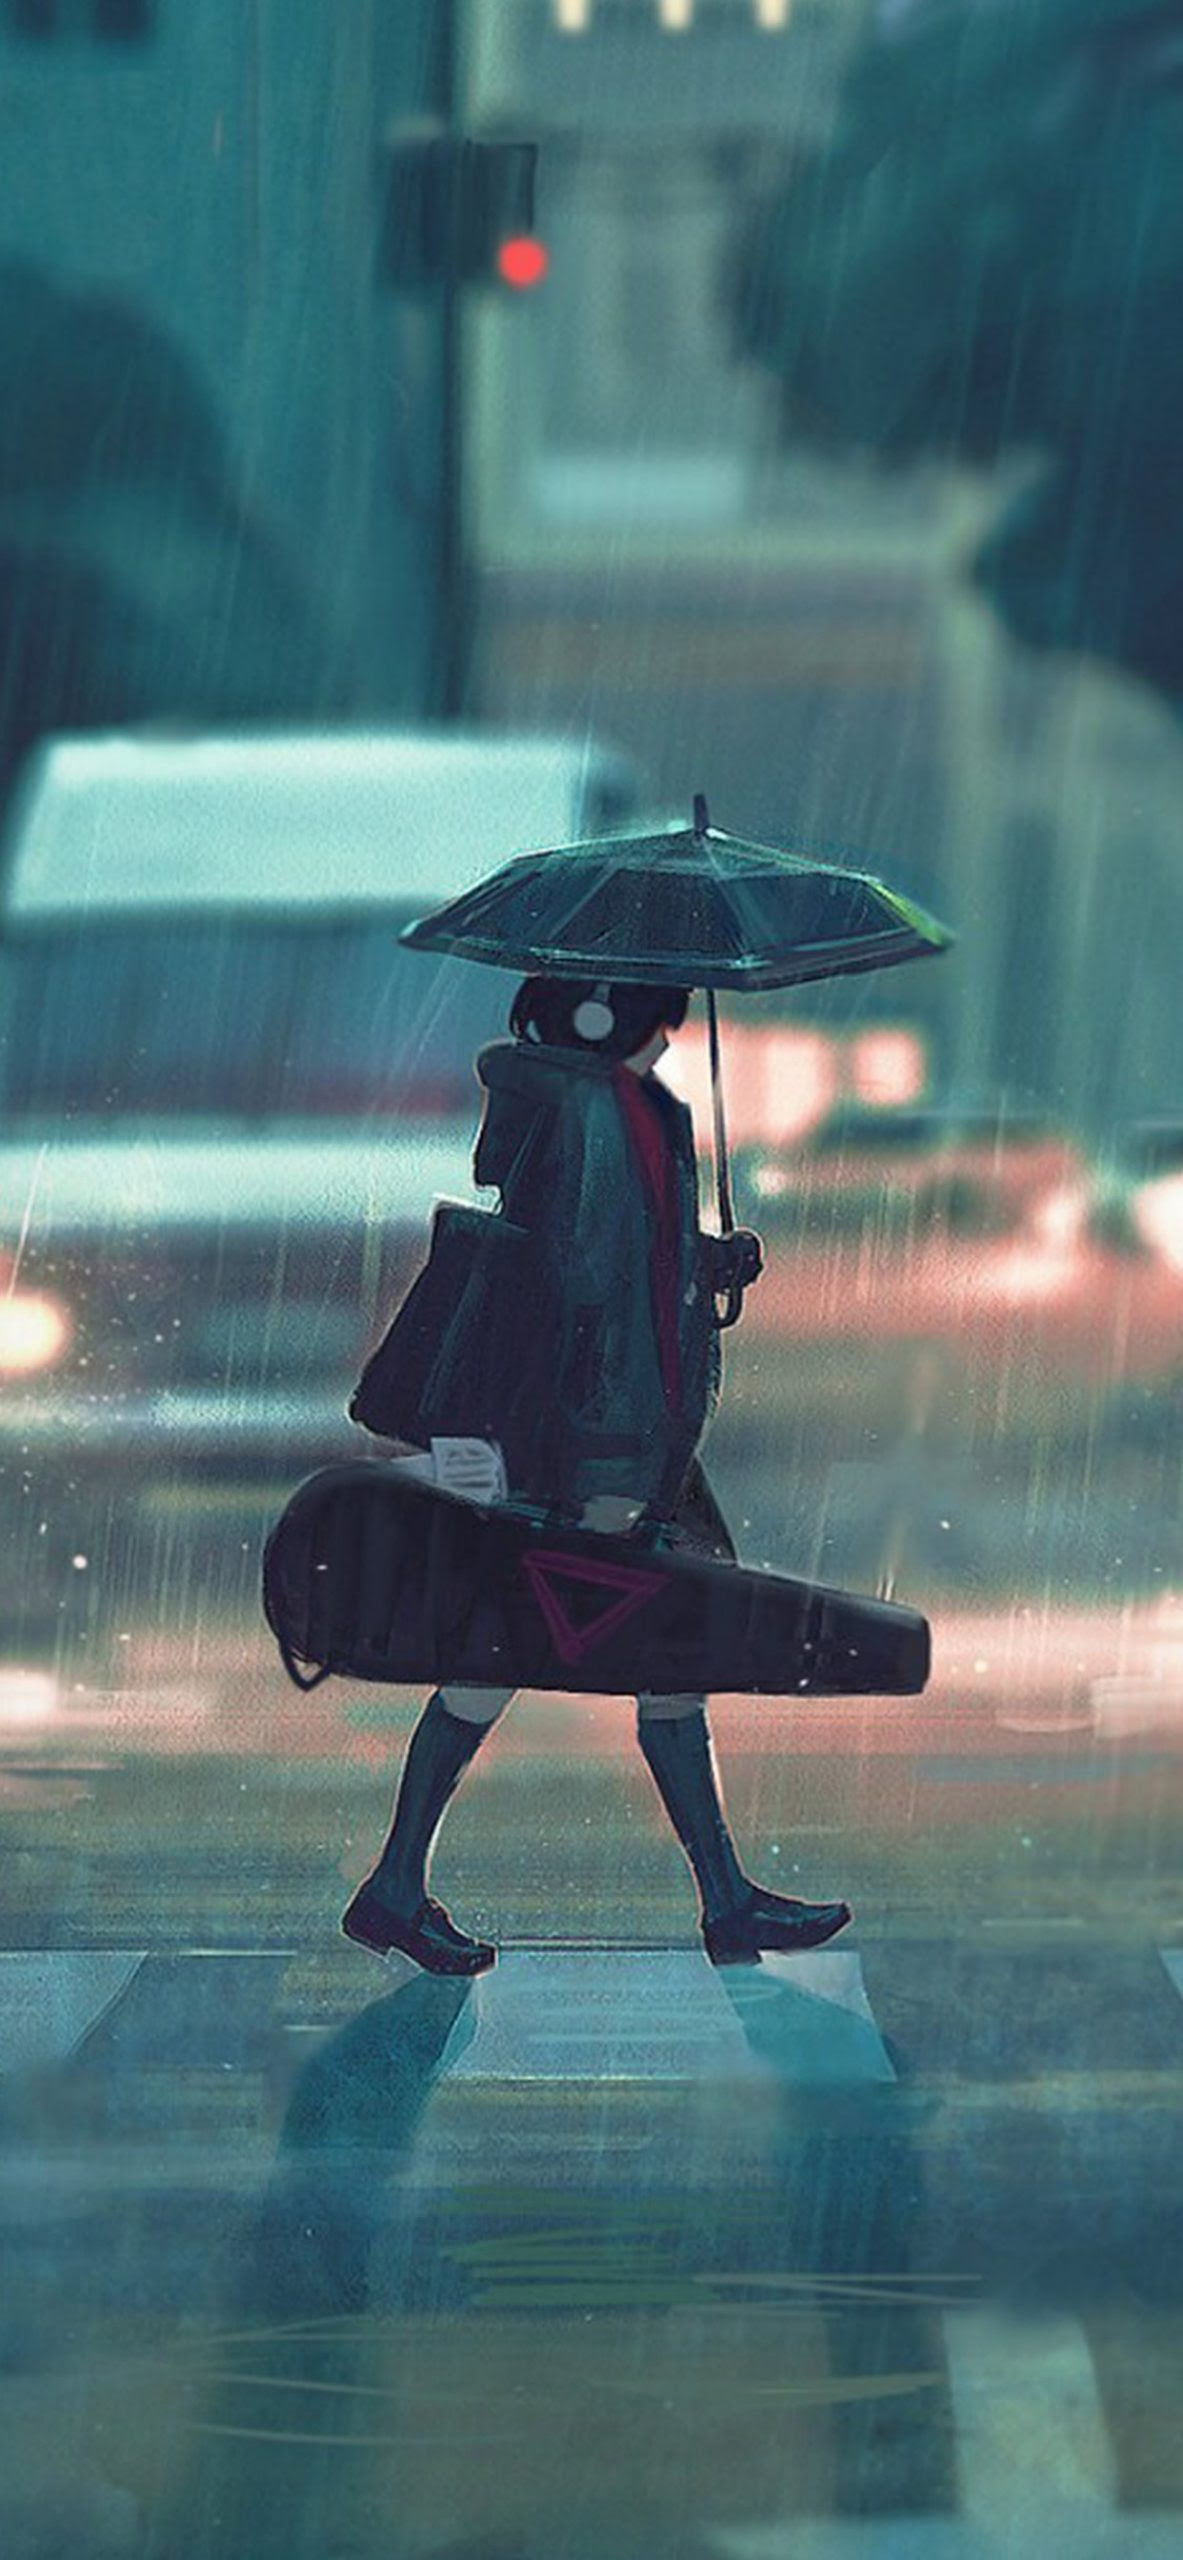 雨の日アニメのペイントガールiphone Xs Max壁紙 1242 2688